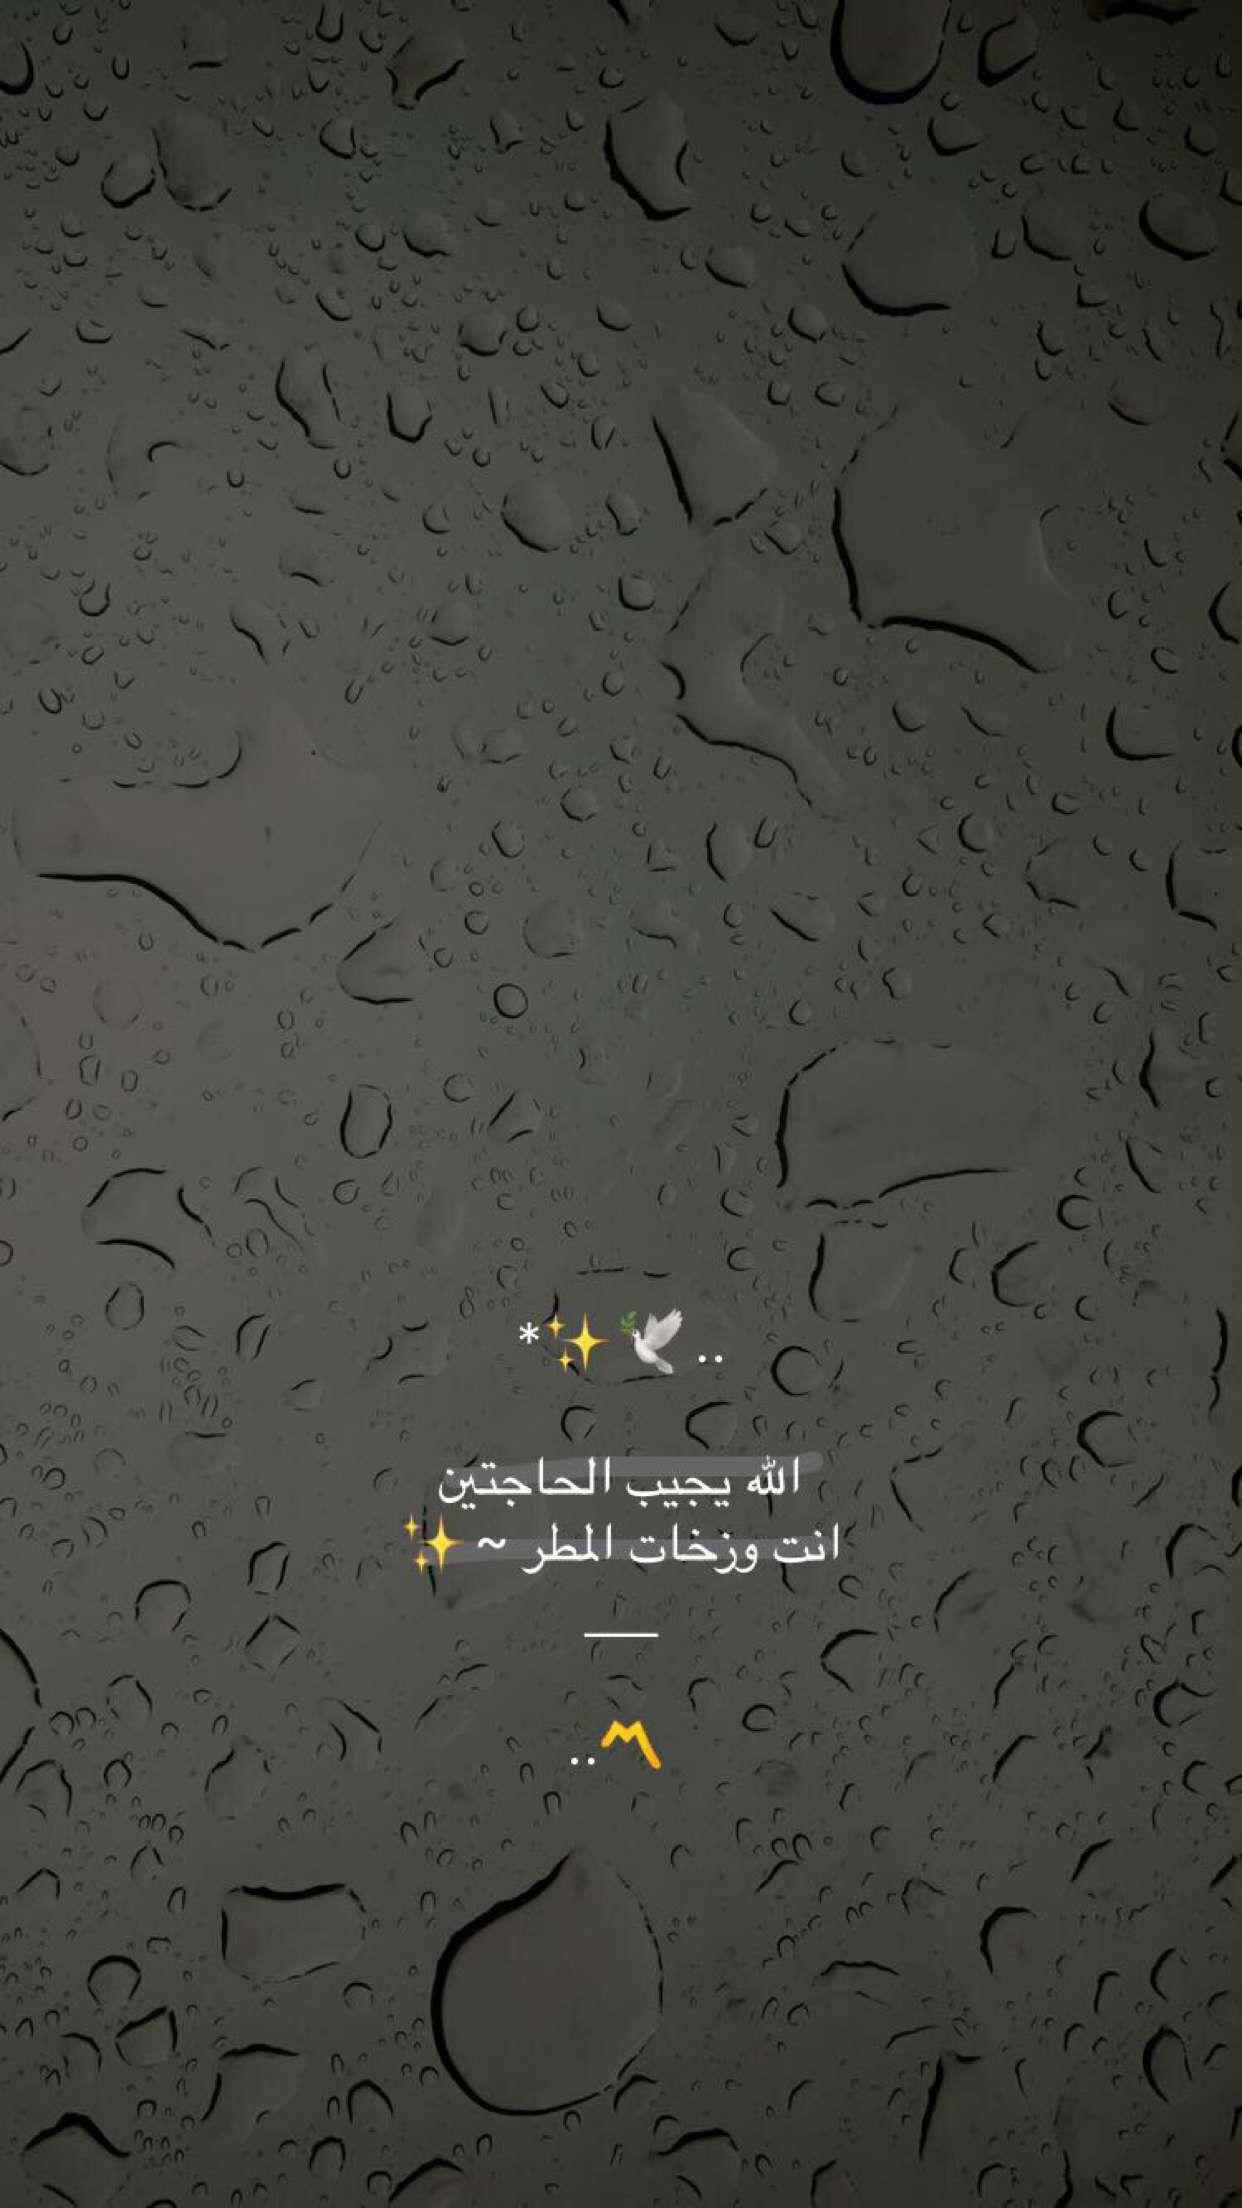 3 22 واجت زخات المطر باقي أنت Cover Photo Quotes Photo Quotes Beautiful Arabic Words